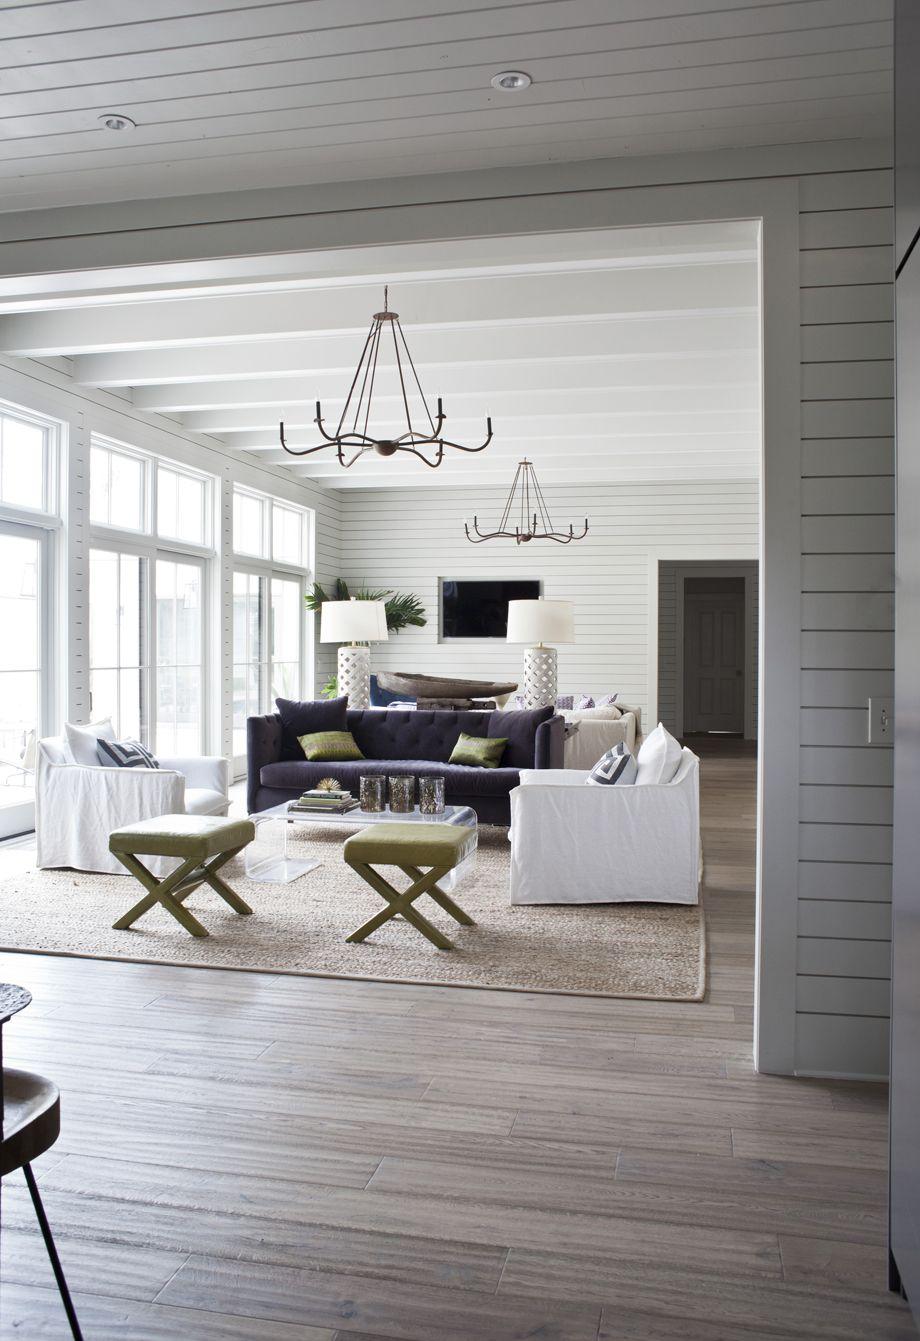 Sesselbauernhaus wohnzimmerbauernmöbel